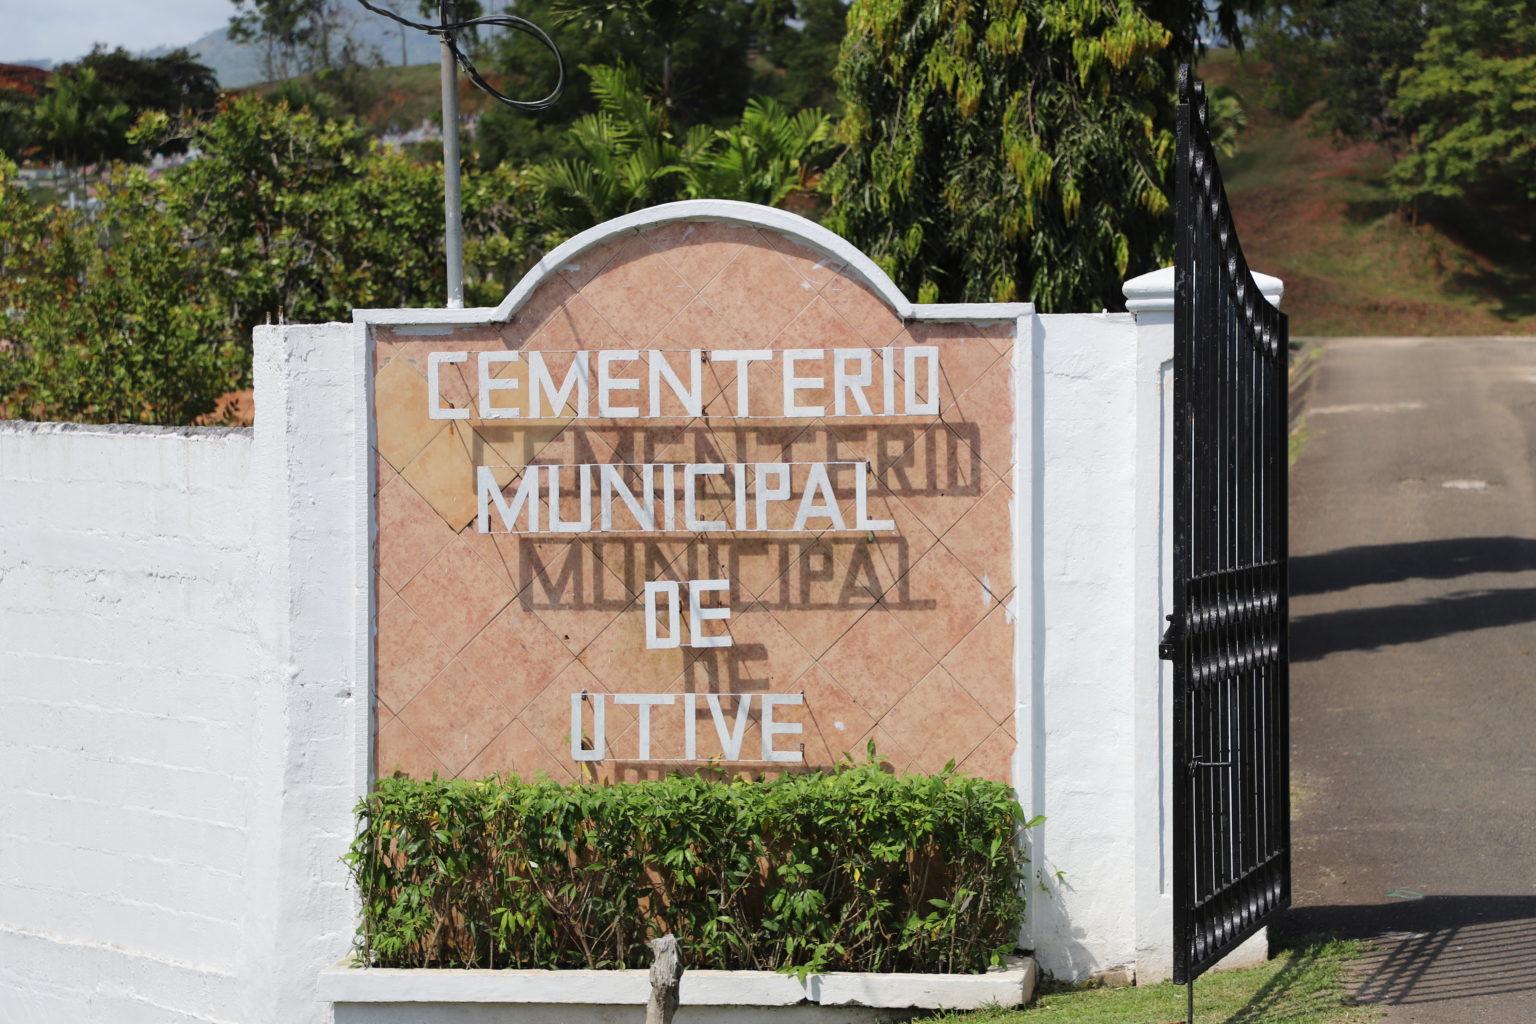 Preparan extensión de cementerio en Utivé ante falta de espacio en la ciudad y poca capacidad de morgues